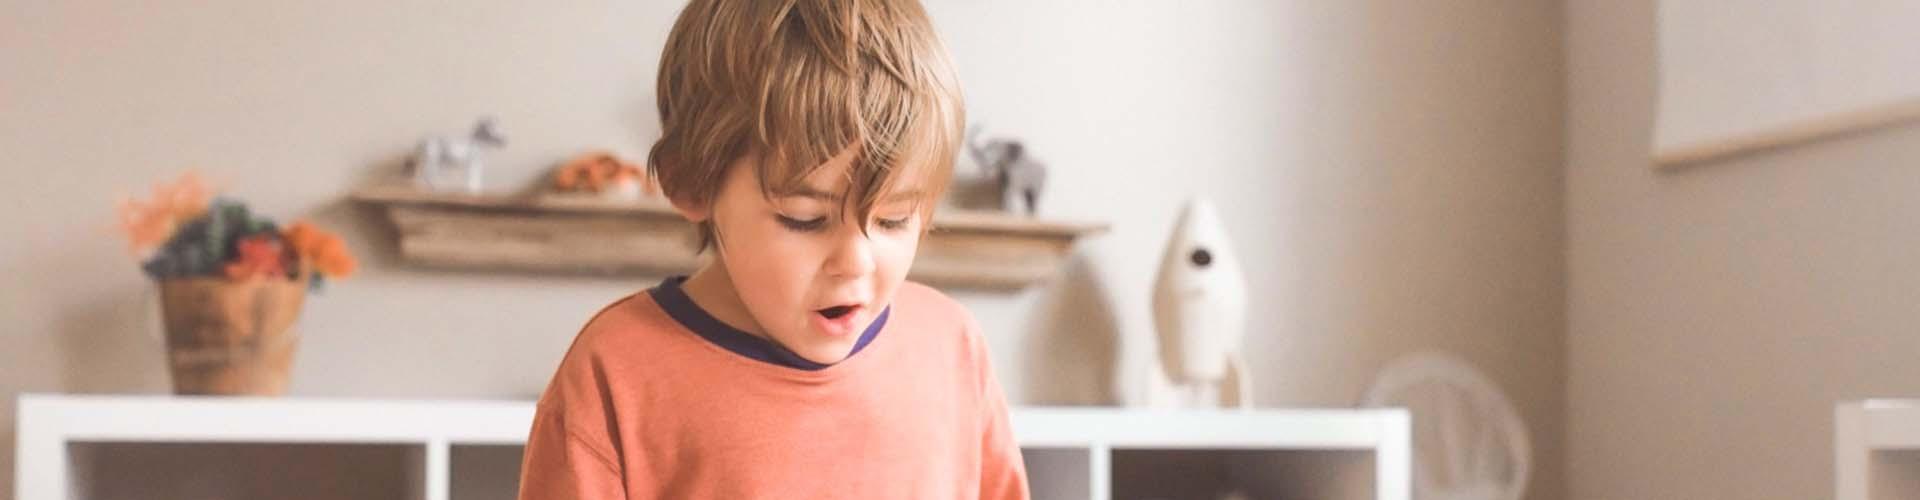 片づけの意外な効果!子どもの考える力、決める力を育てよう